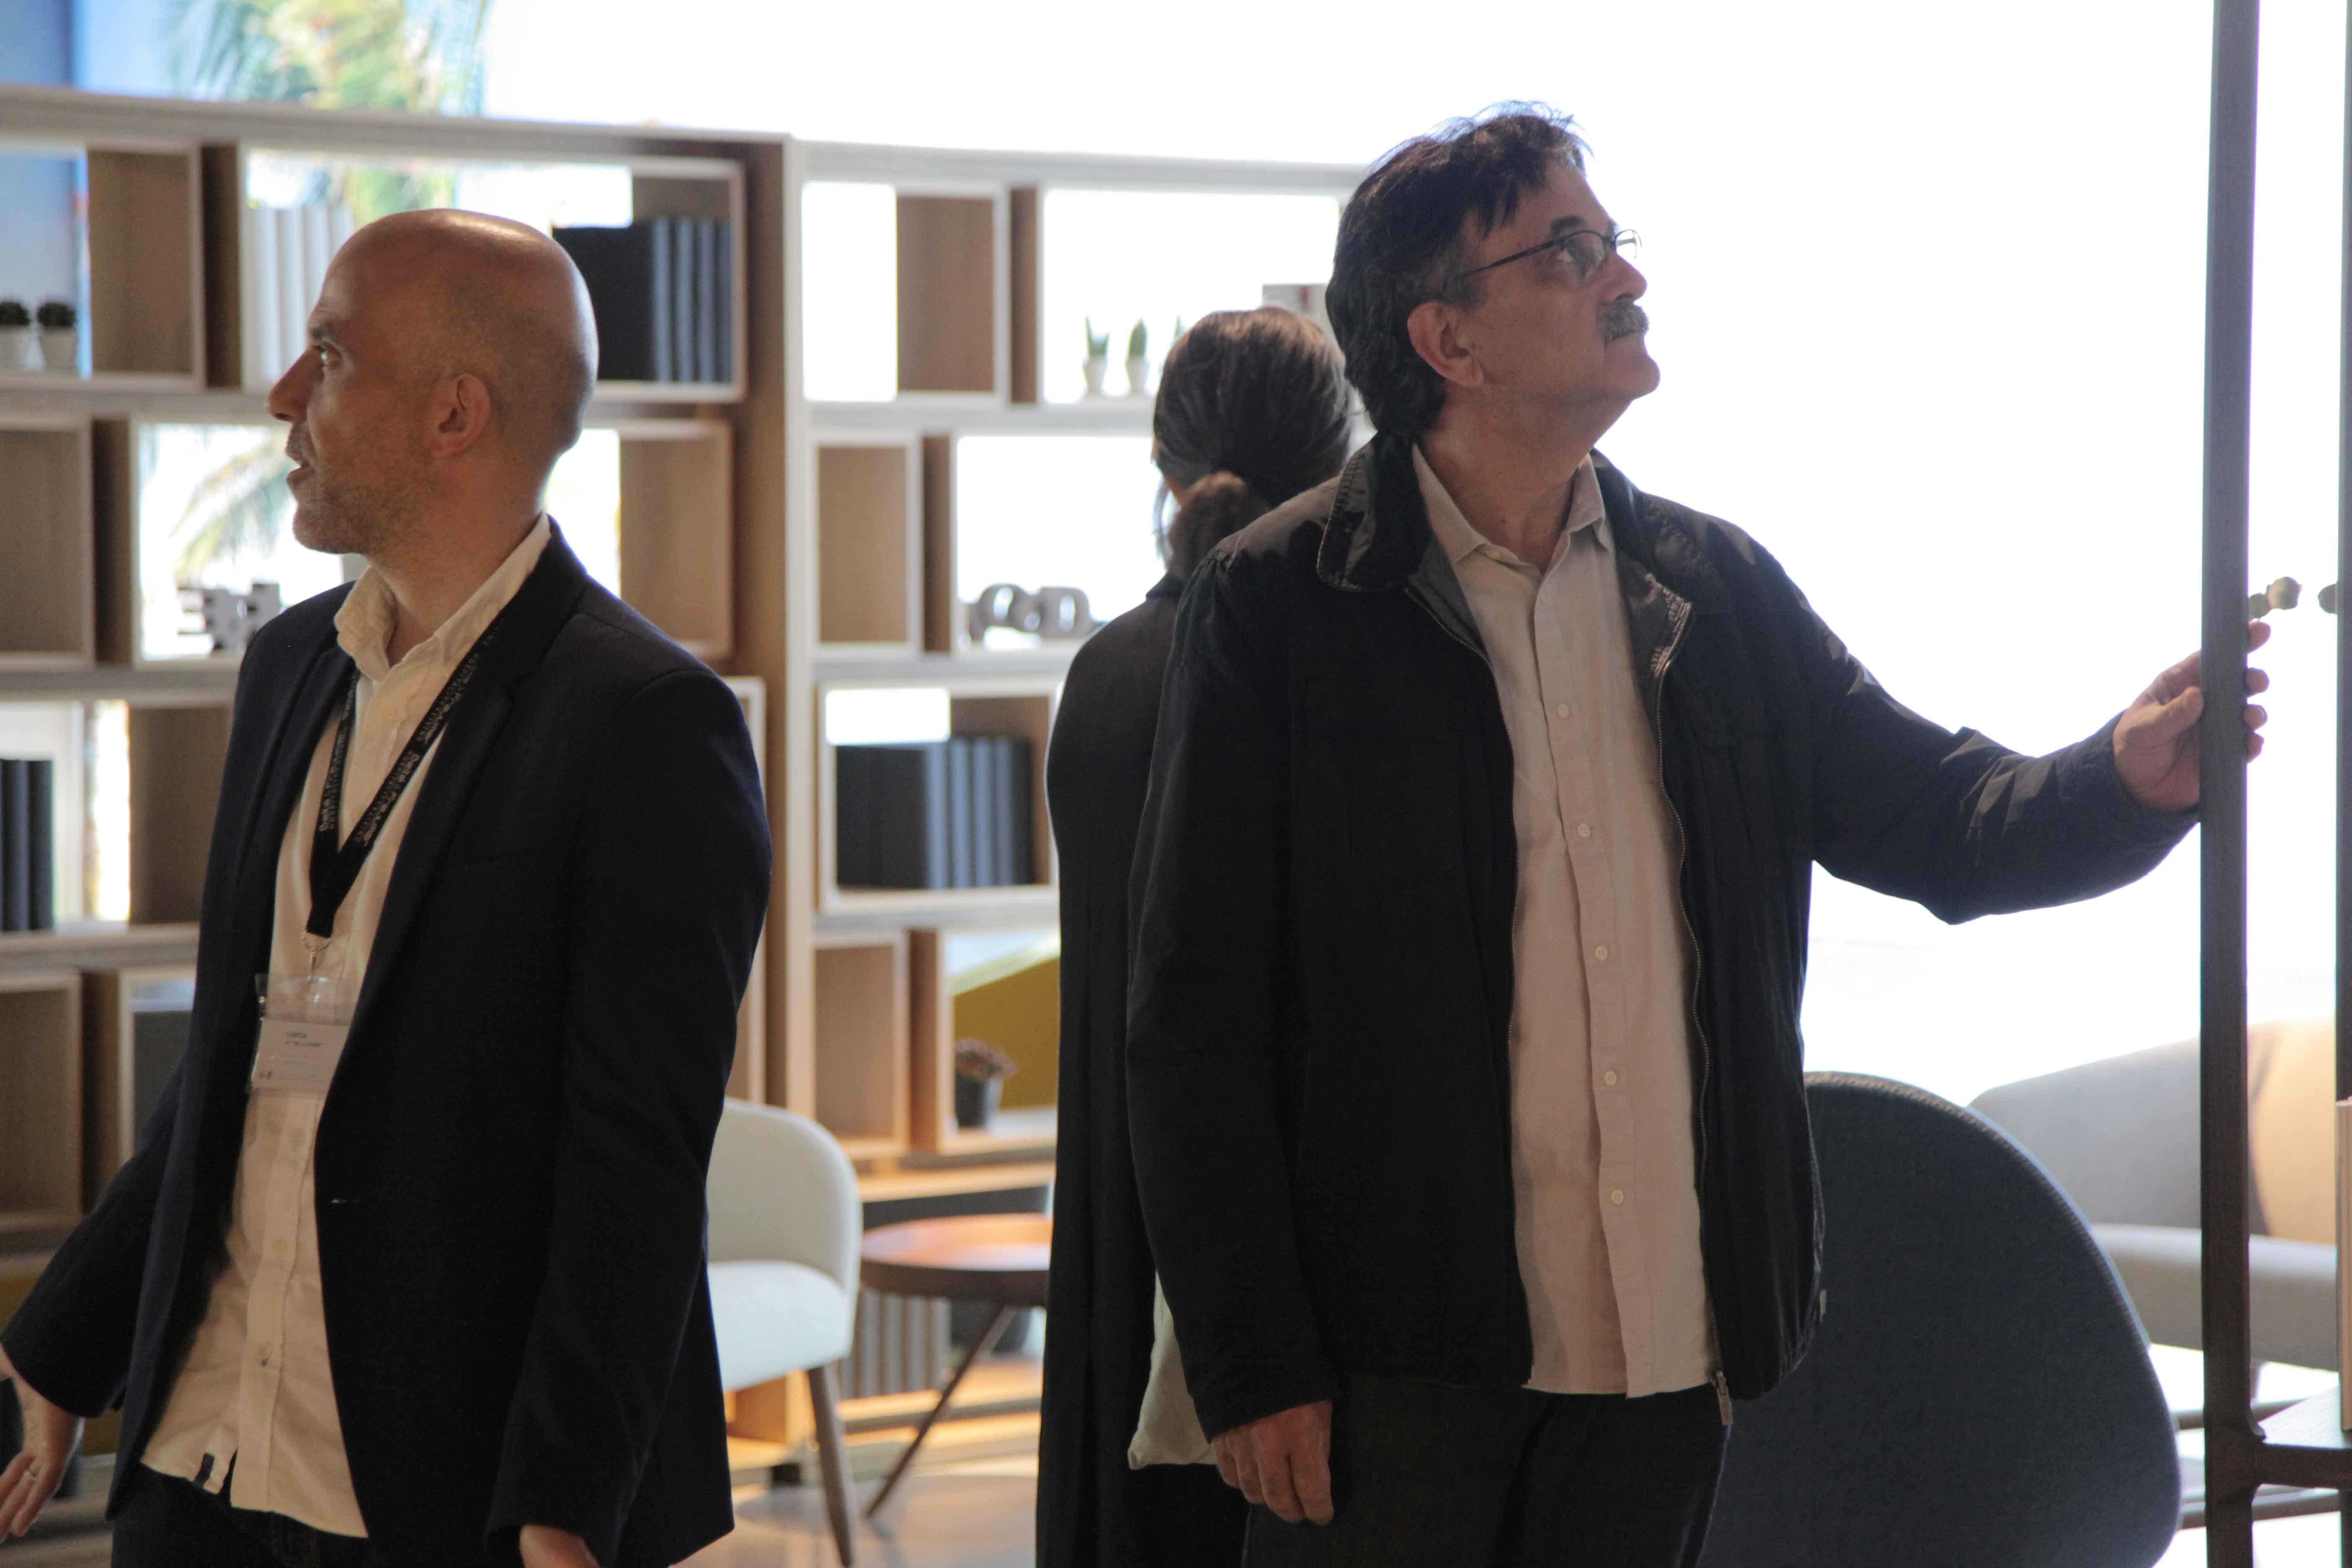 presentación InterCIDEC 2019. Visita al showroom